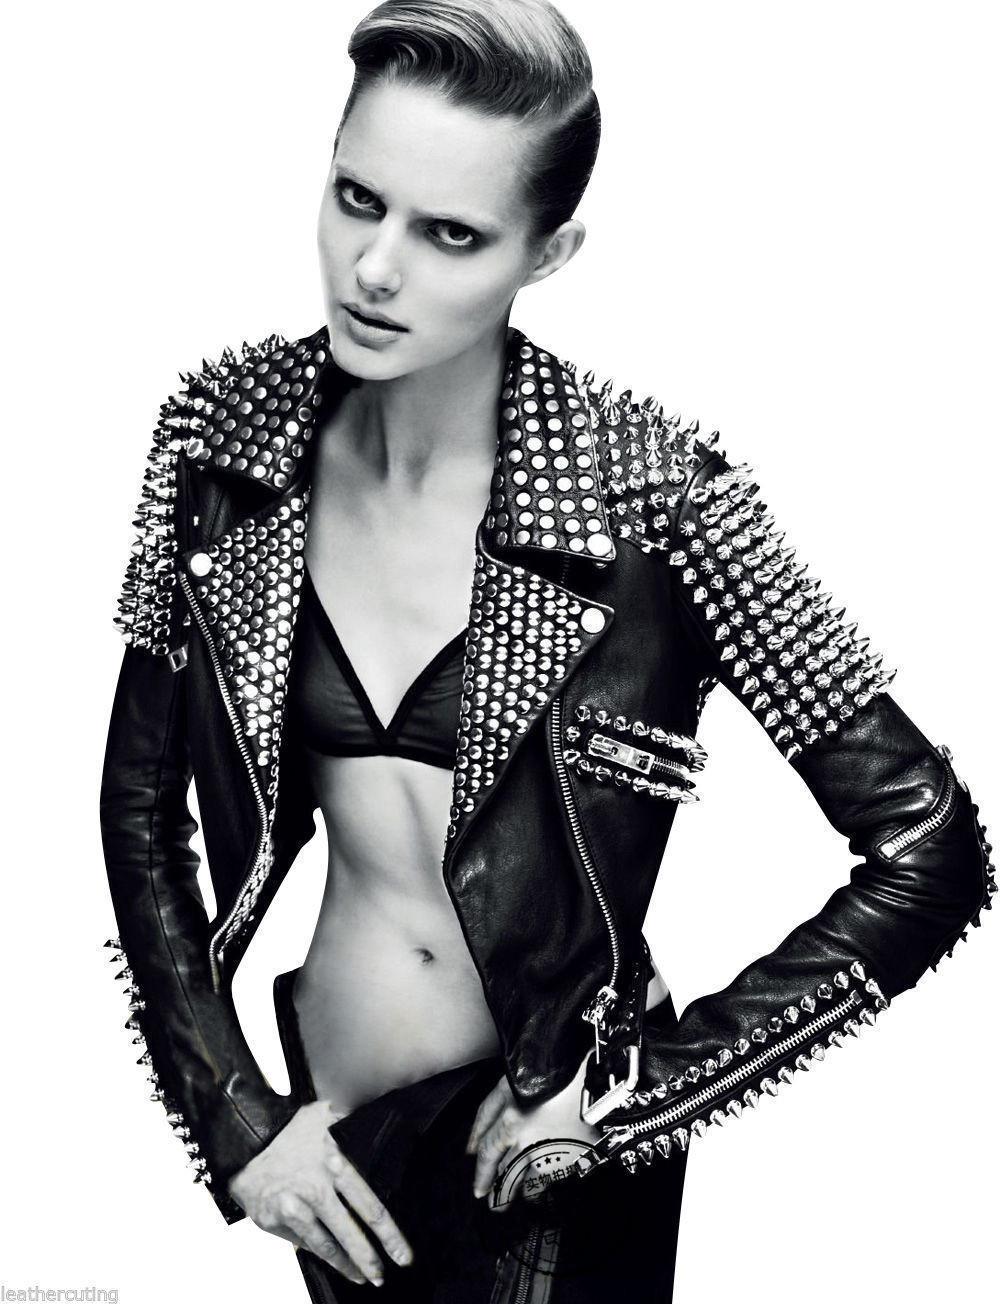 铆钉机车朋克皮衣外套  女士镶嵌皮革摩托车夹克修身性感时尚